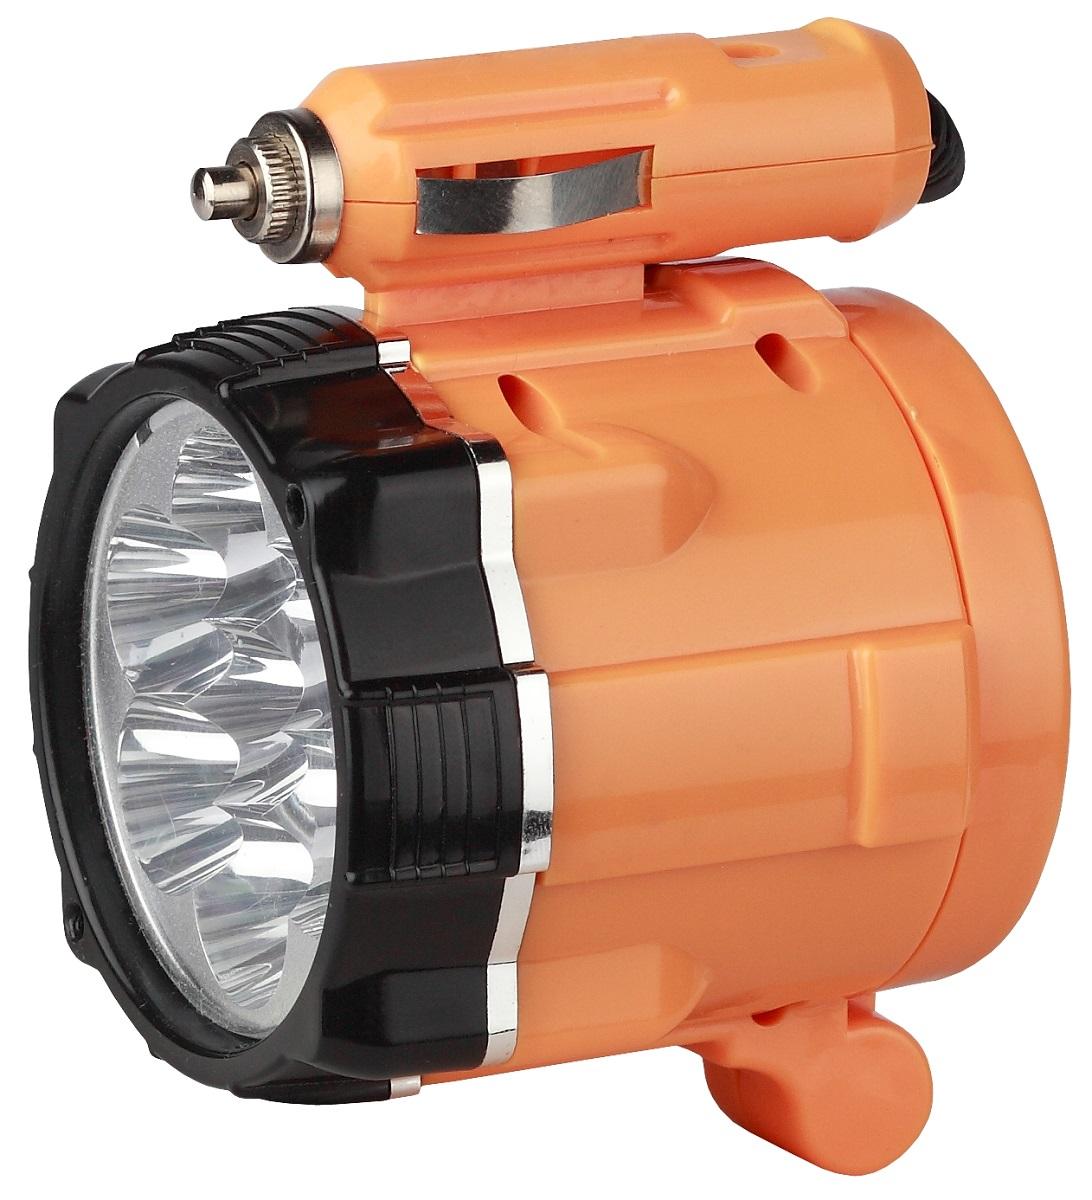 Фонарь ручной Эра A3M, цвет: оранжевый, черныйKOCAc6009LEDАвтомобильный осветительный прибор-переноска Эра A3M с семью яркими светодиодными лампами белого цвета LED.Изделие работает от сети автомобиля 12 Вольт.Для более удобного использования фонарь укомплектован трехметровым шнуром питания.Наличие магнита позволяет фиксировать прибор под различными углами.